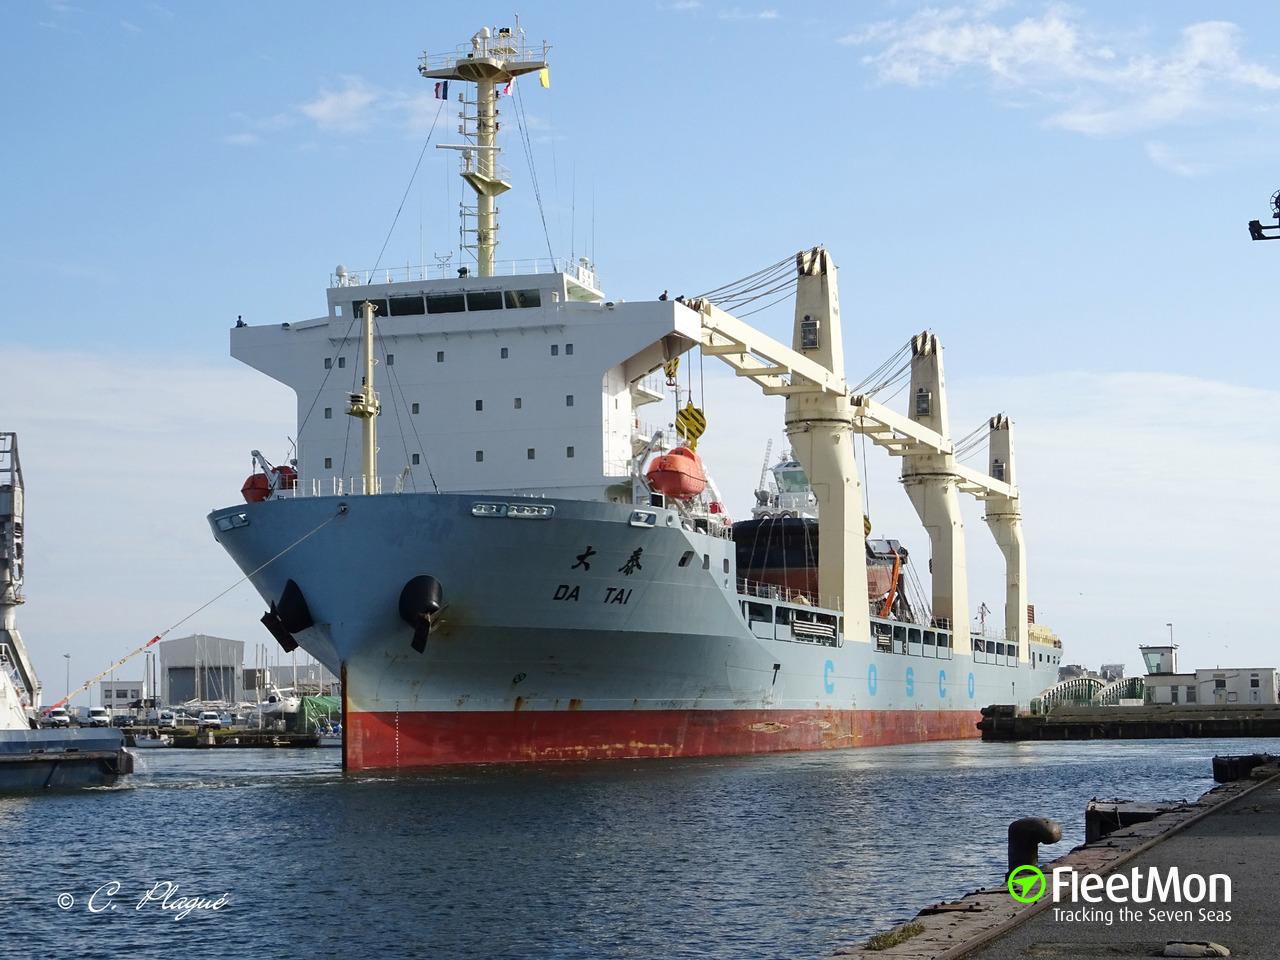 Maritime News From Around The World Fleetmon Newsroom